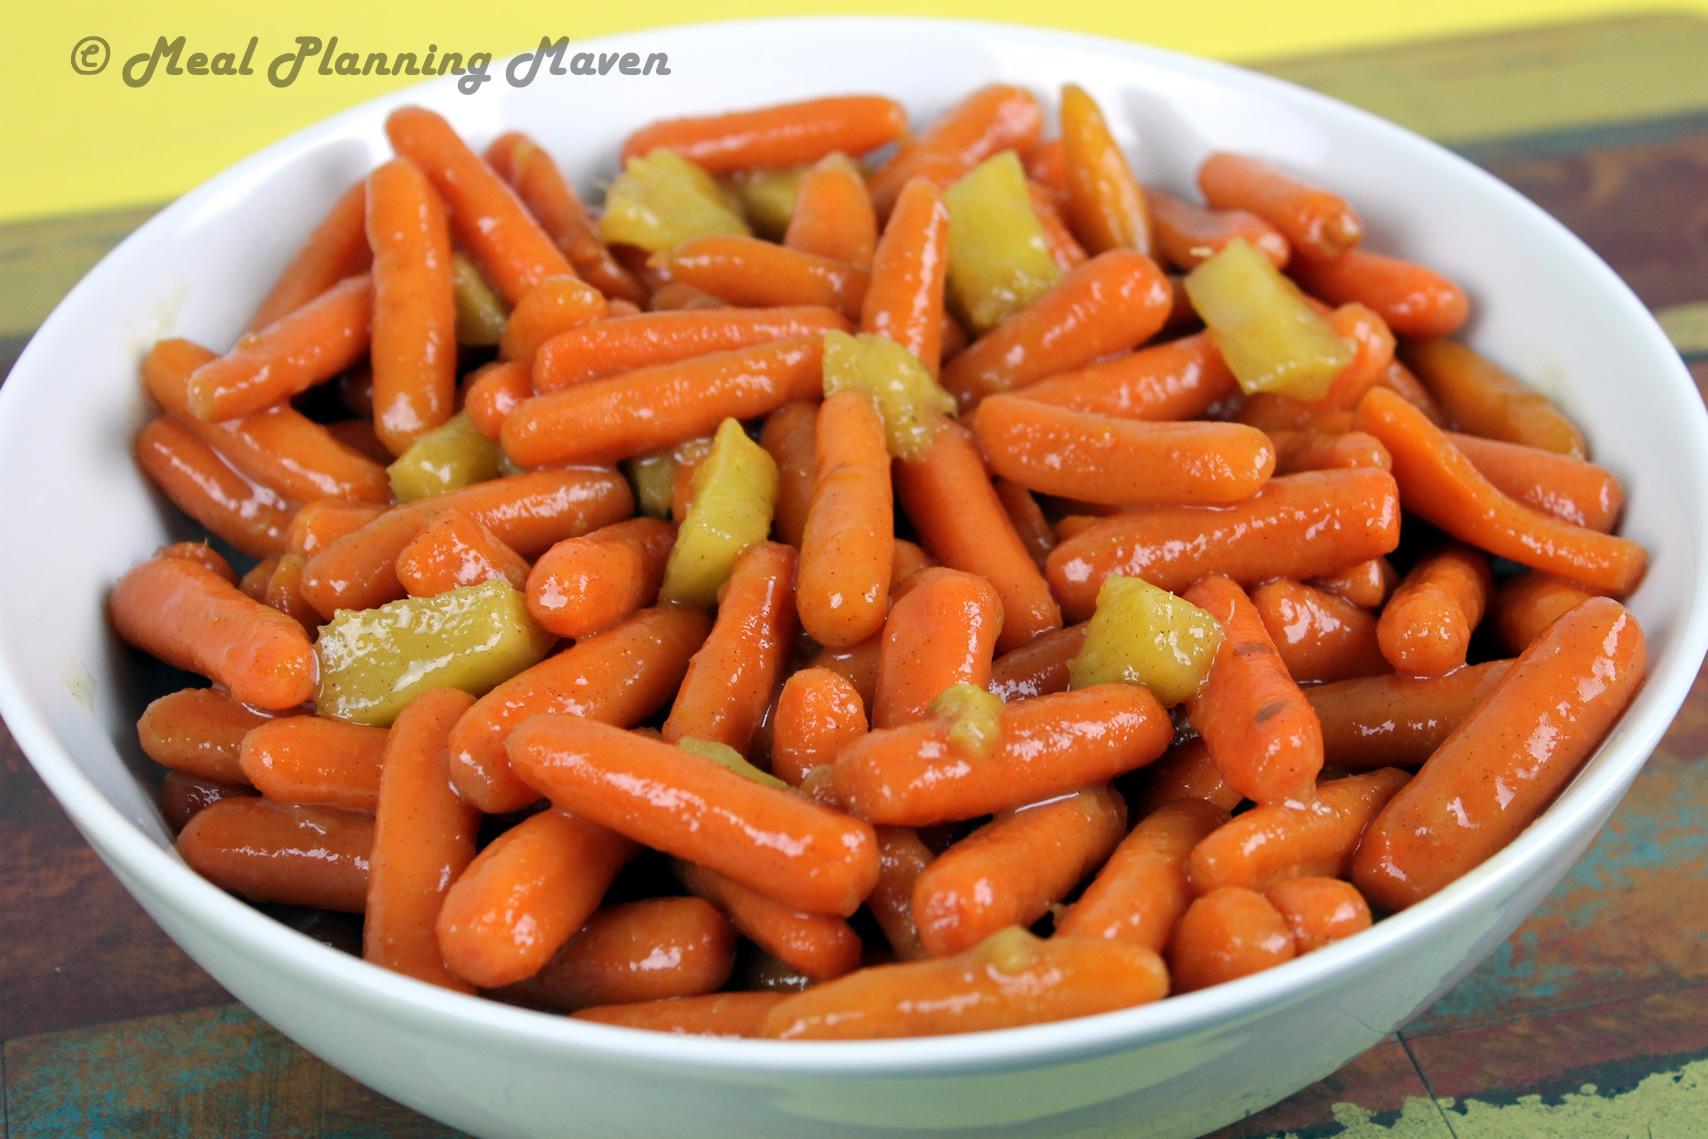 Apricot-Lemon Glazed Carrots 'n Pineapple